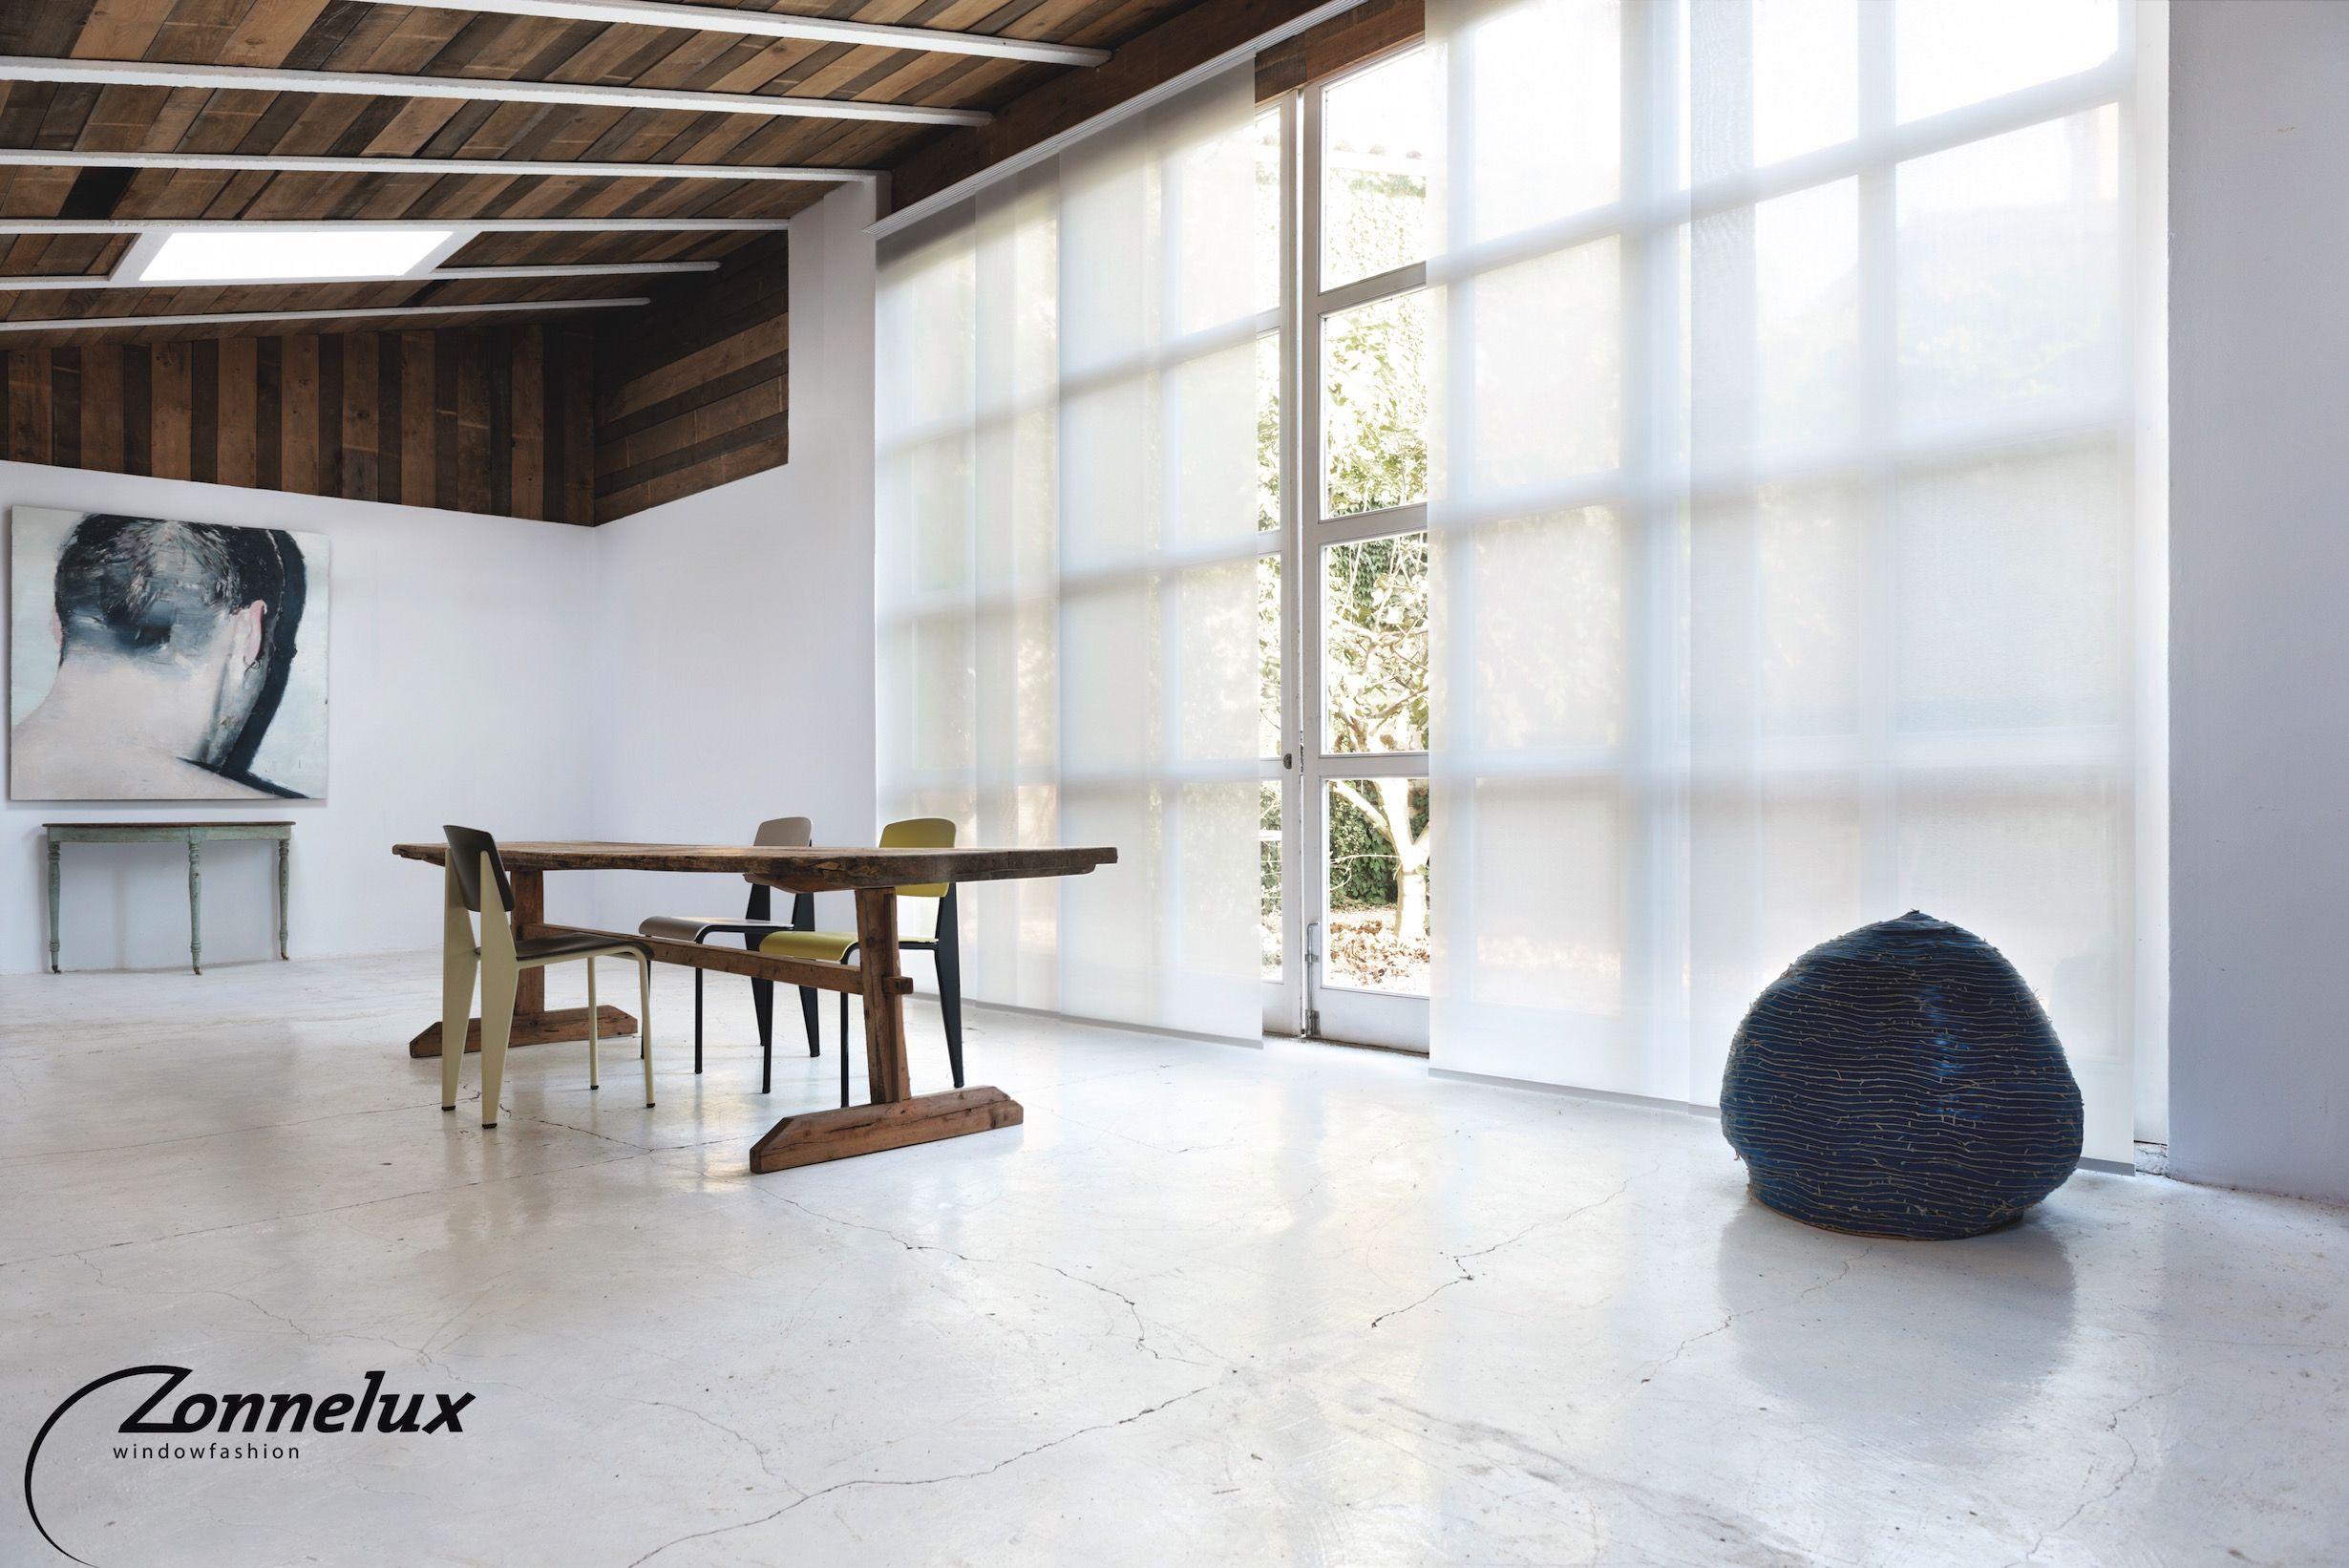 Paneelgordijn van Zonnelux in de eetkamer. | Interior design ...